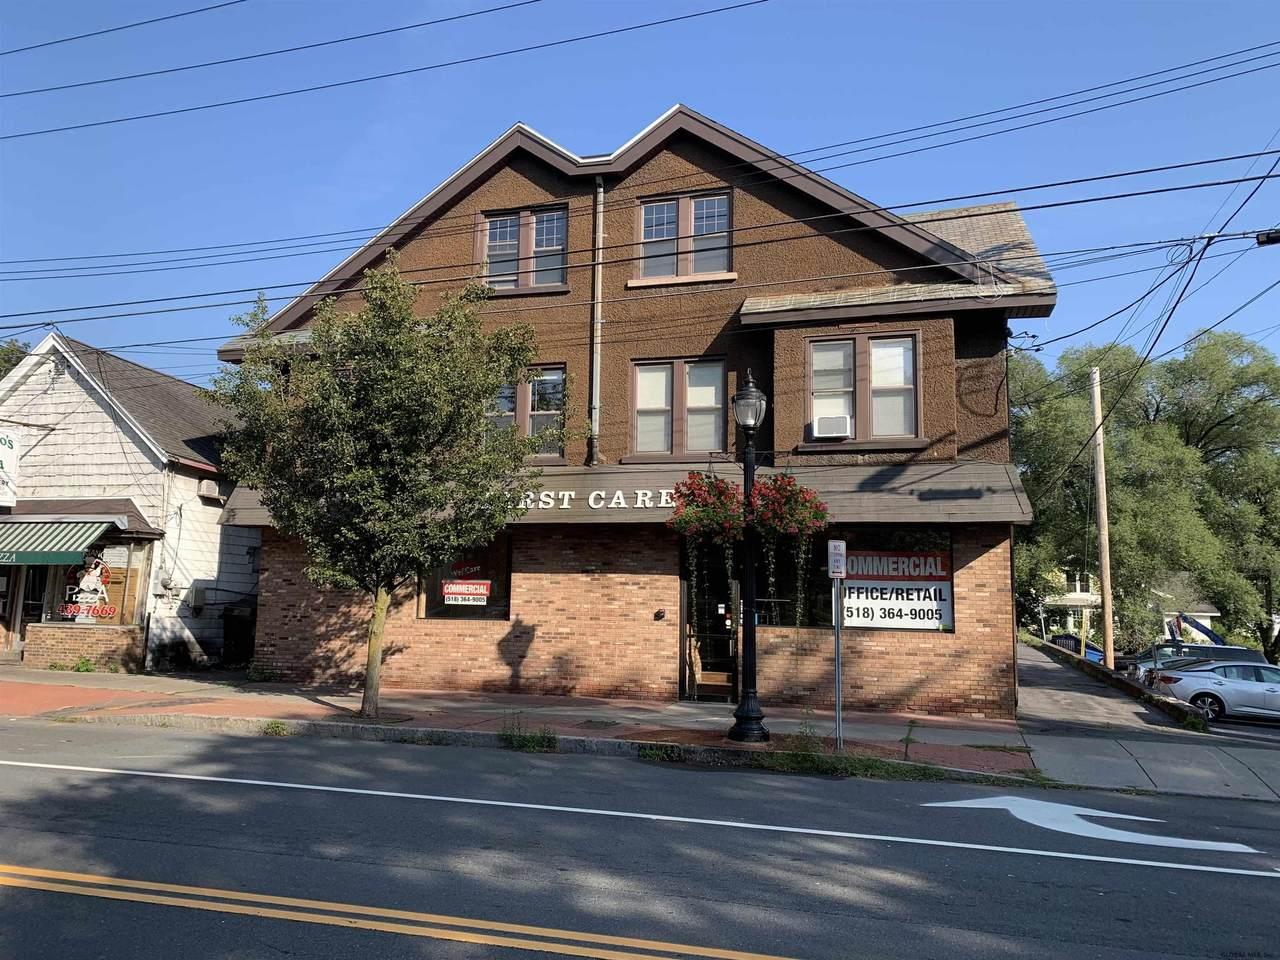 363 Delaware Av - Photo 1